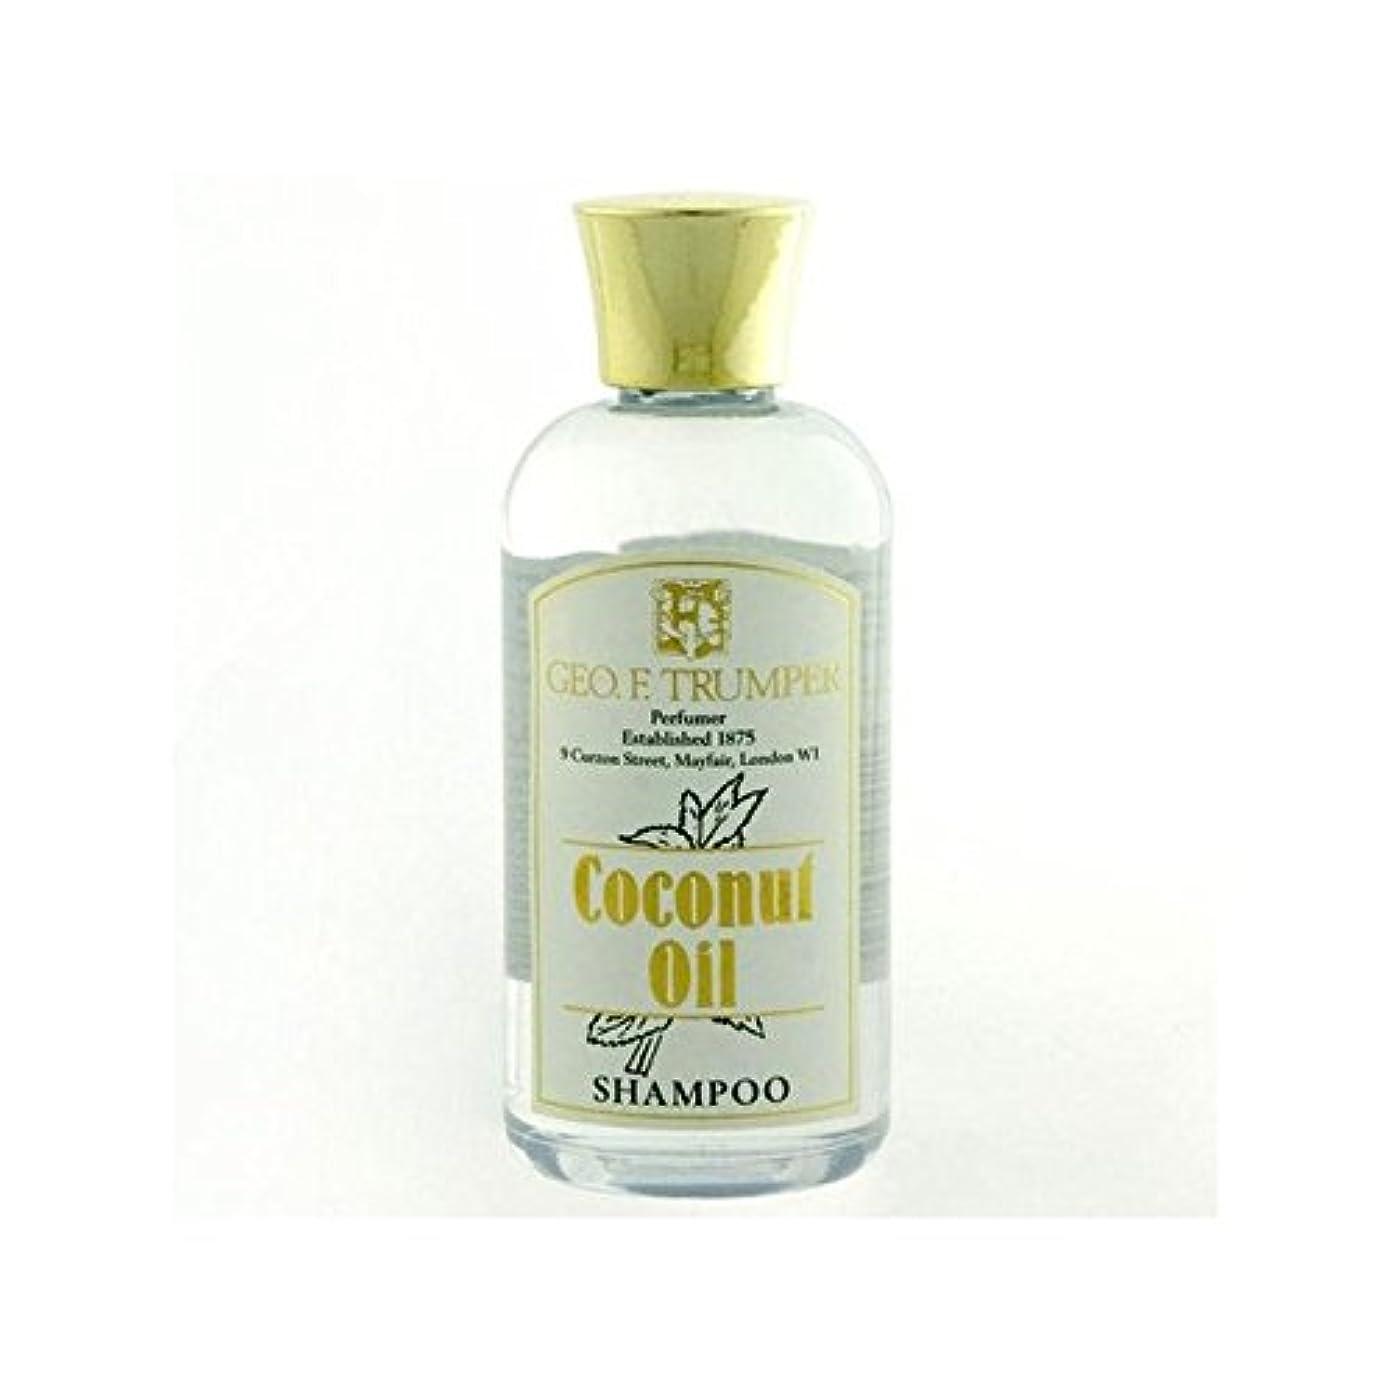 クライアントオーバーラン統計Trumpers Coconut Oil Shampoo - 100ml Travel (Pack of 6) - ココナッツオイルシャンプー - 100ミリリットル旅 x6 [並行輸入品]